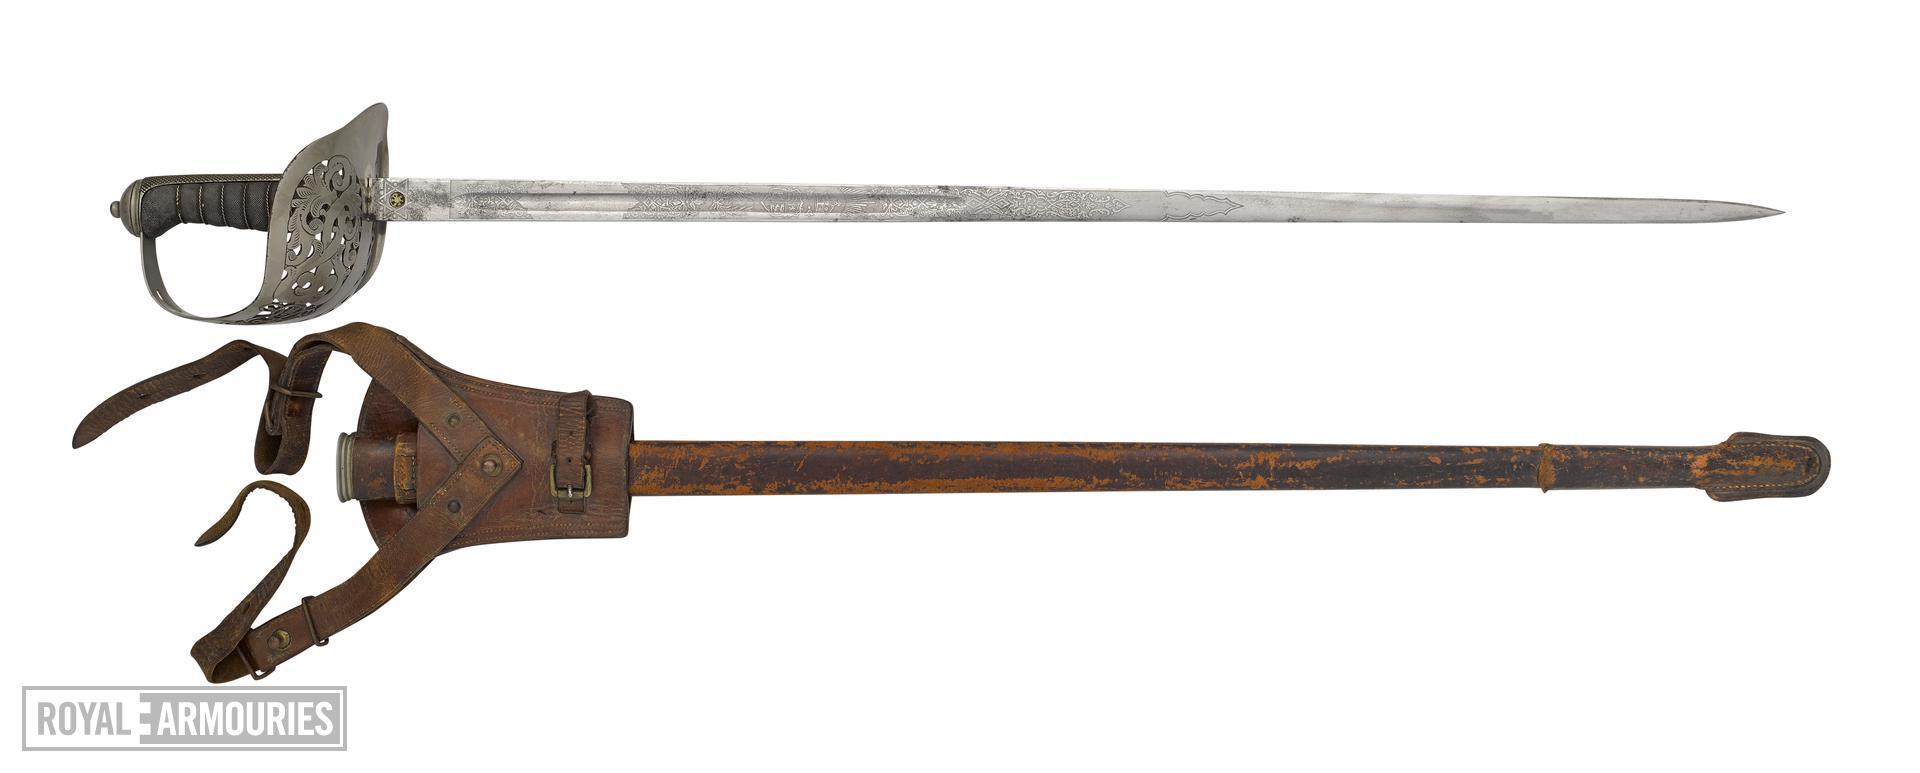 Sword, scabbard, belt, sword-frog and shoulder strap - Sword, scabbard, belt, sword-frog and shoulder strap